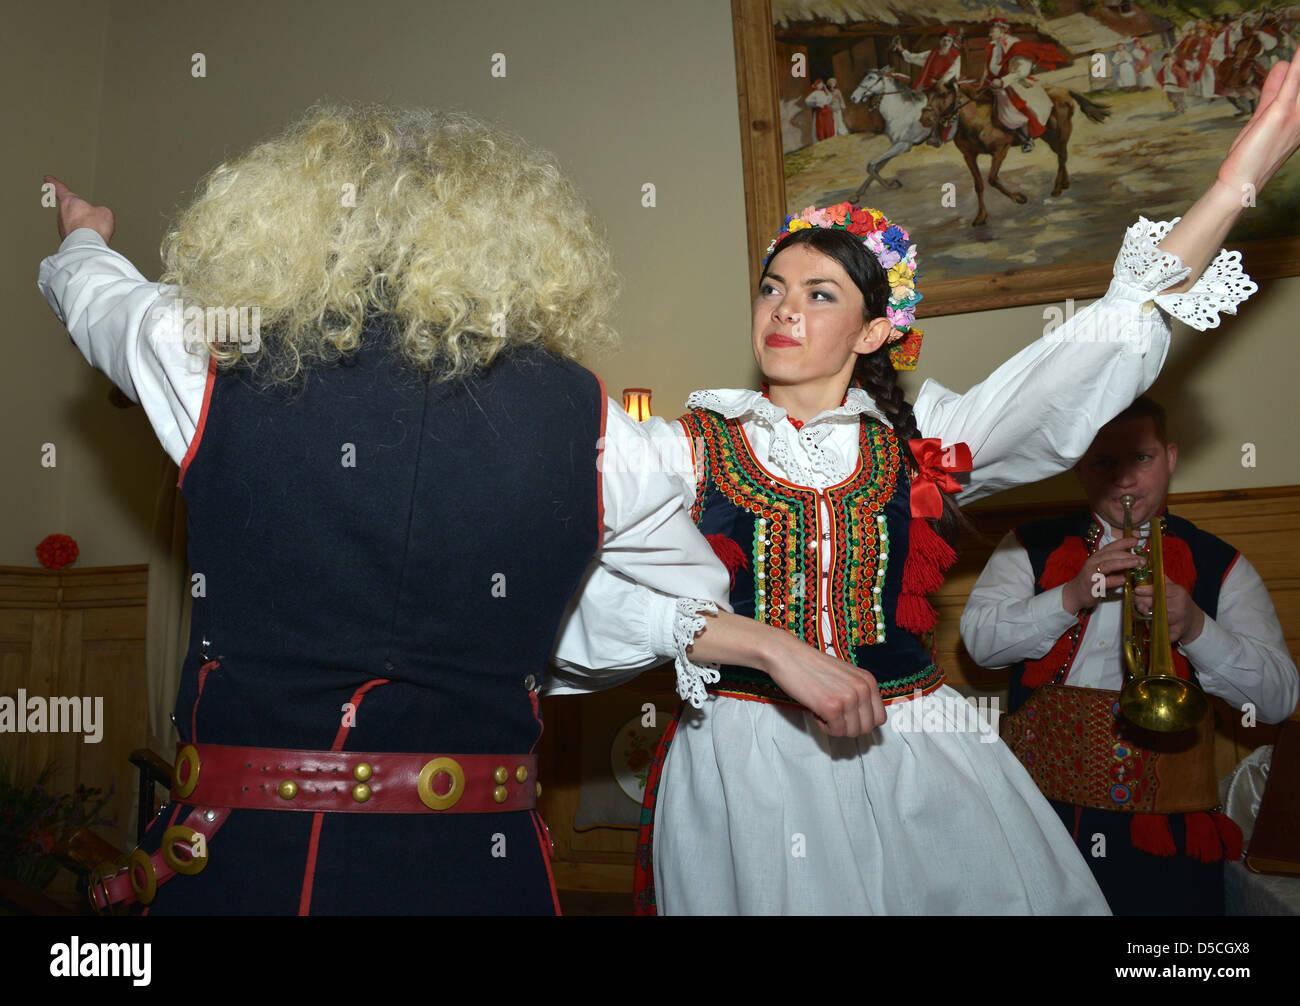 Bailarines en trajes nacionales, Cracovia, Polonia Imagen De Stock